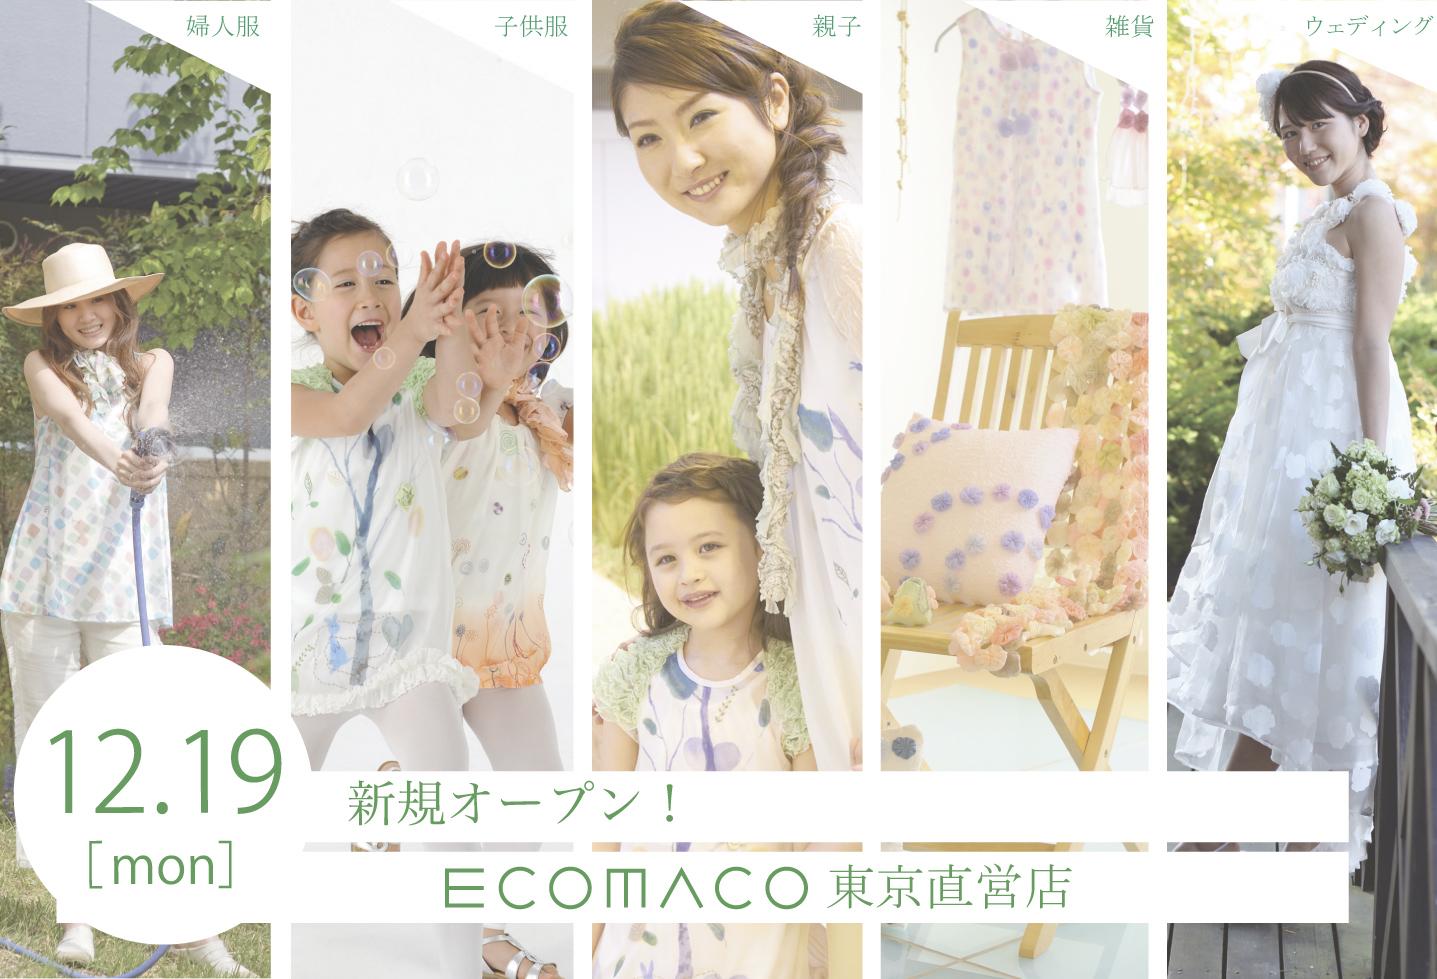 ECOMACO東京直営店がオープン!